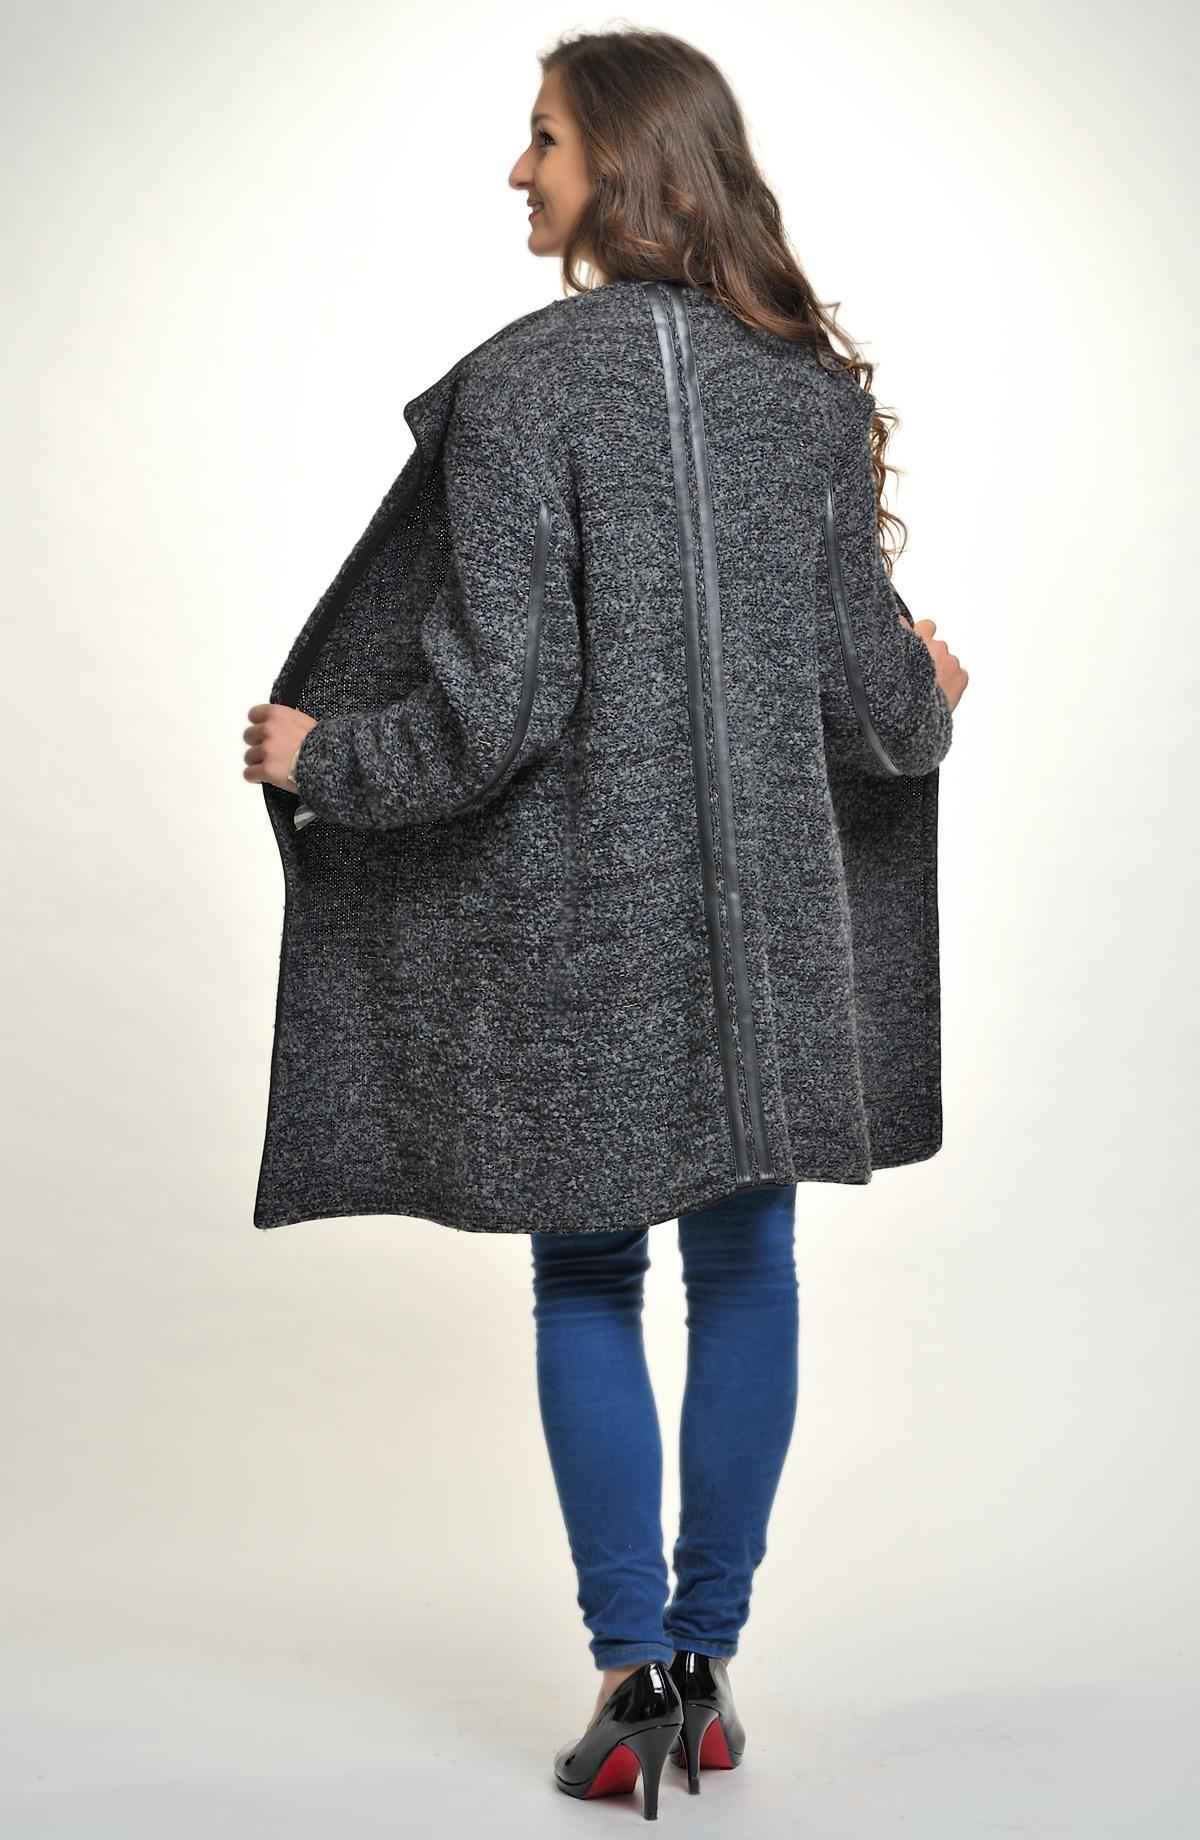 Pletený kabátek z hřejivého boucle